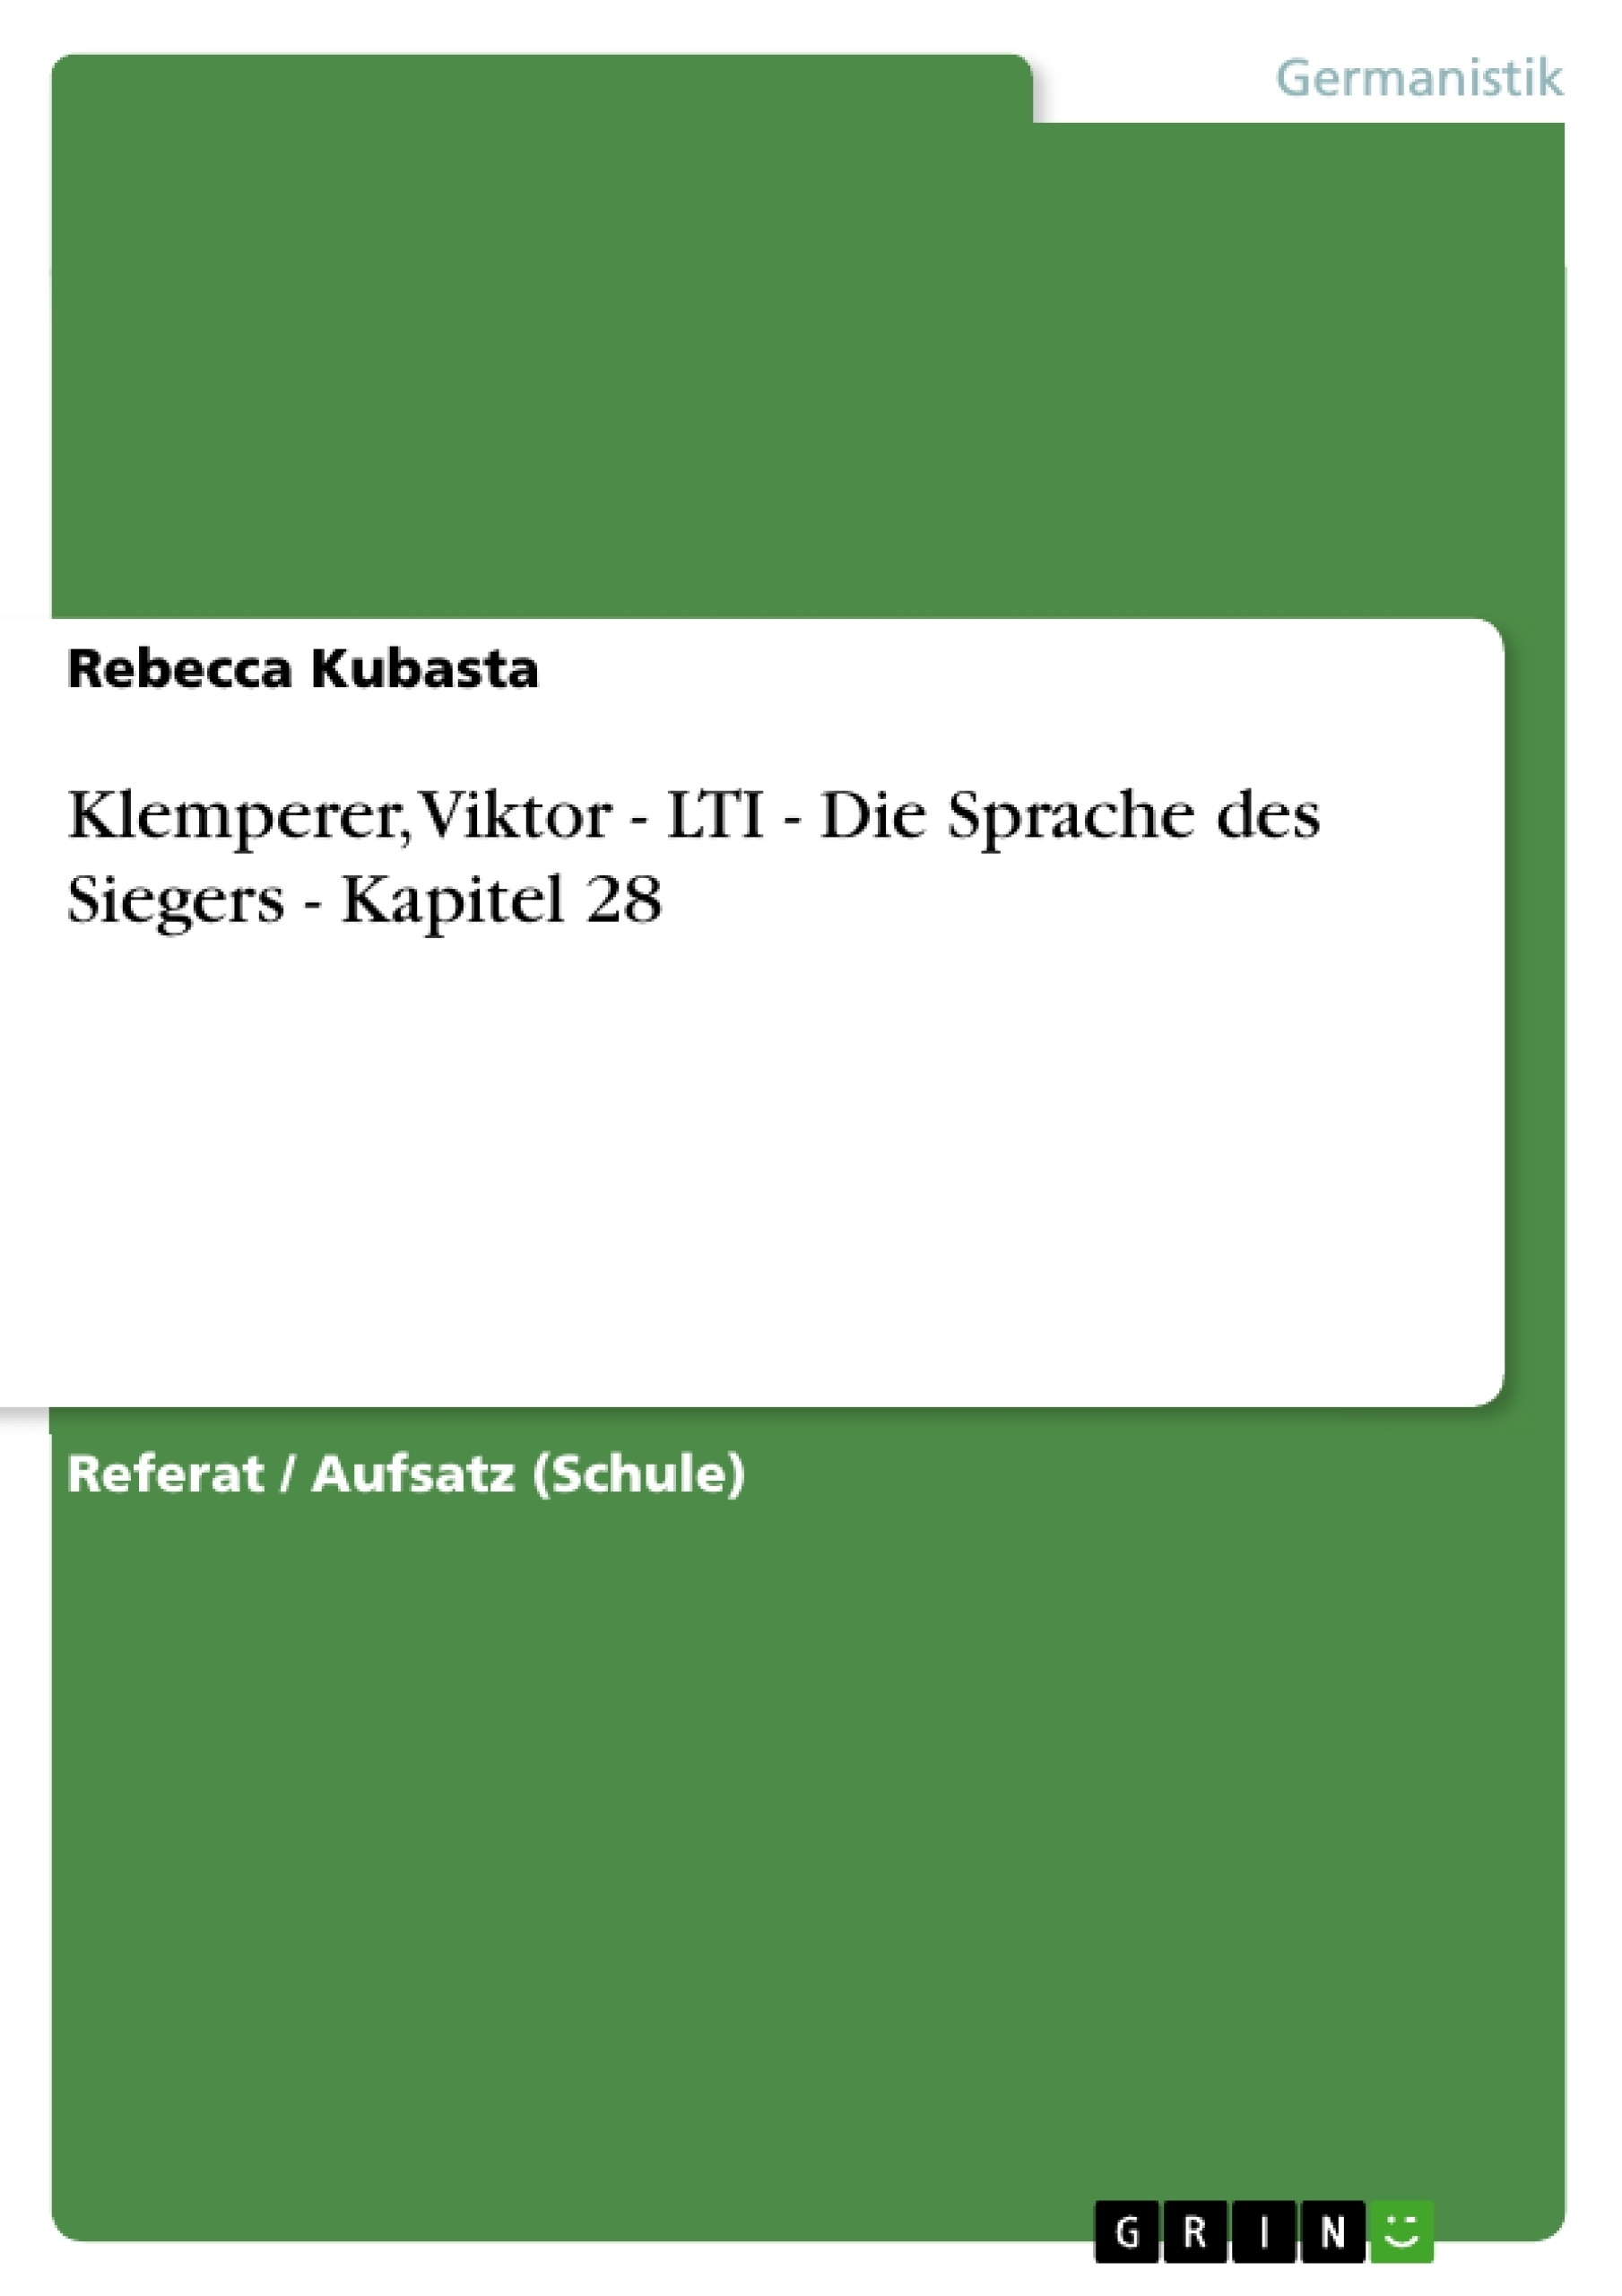 Titel: Klemperer, Viktor - LTI -  Die Sprache des Siegers - Kapitel 28